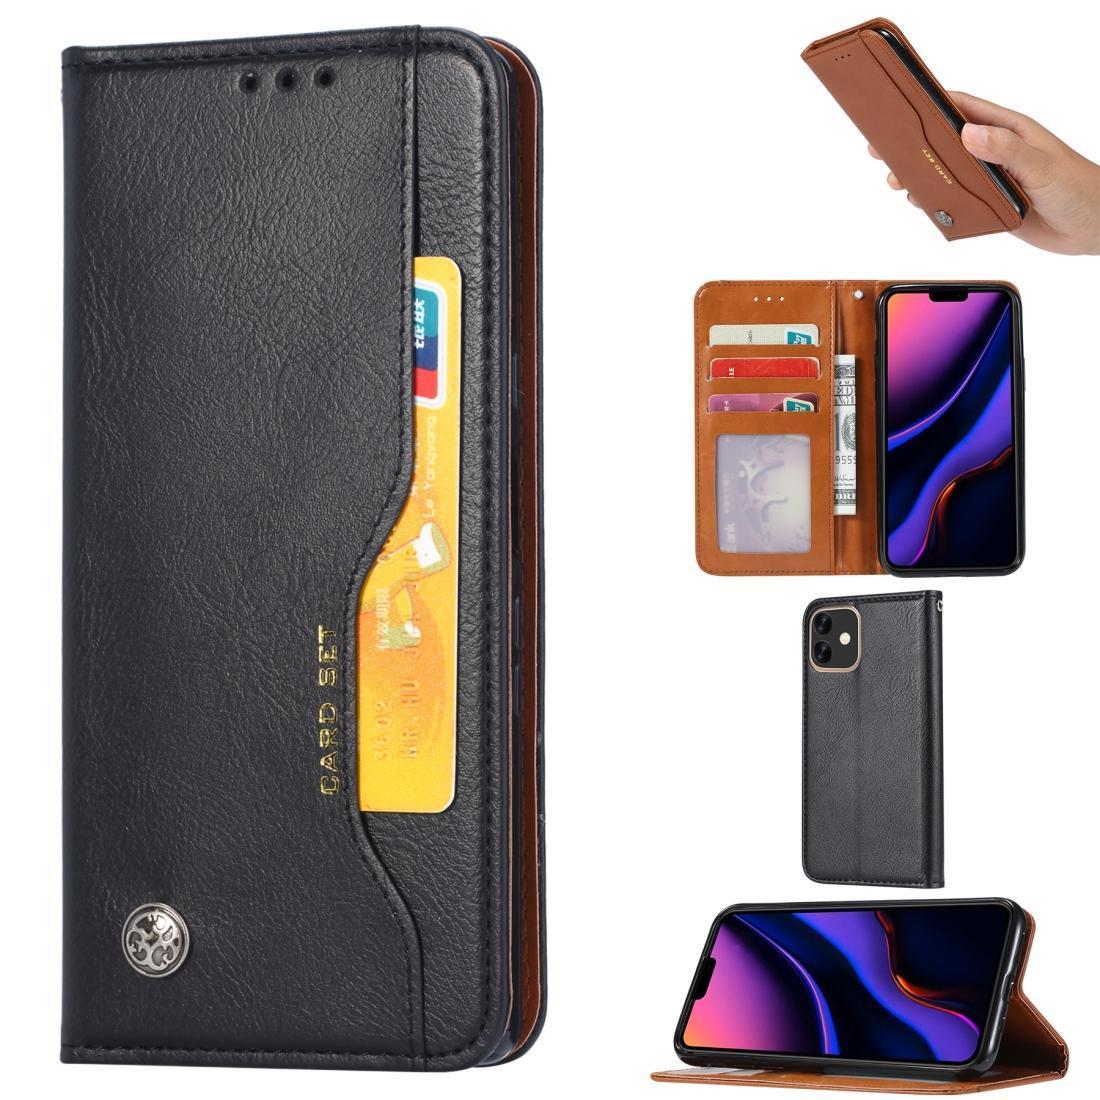 Amasse a textura da pele Horizontal Leather flip para o iPhone 11, com Photo Frame Titular Slots Carteira